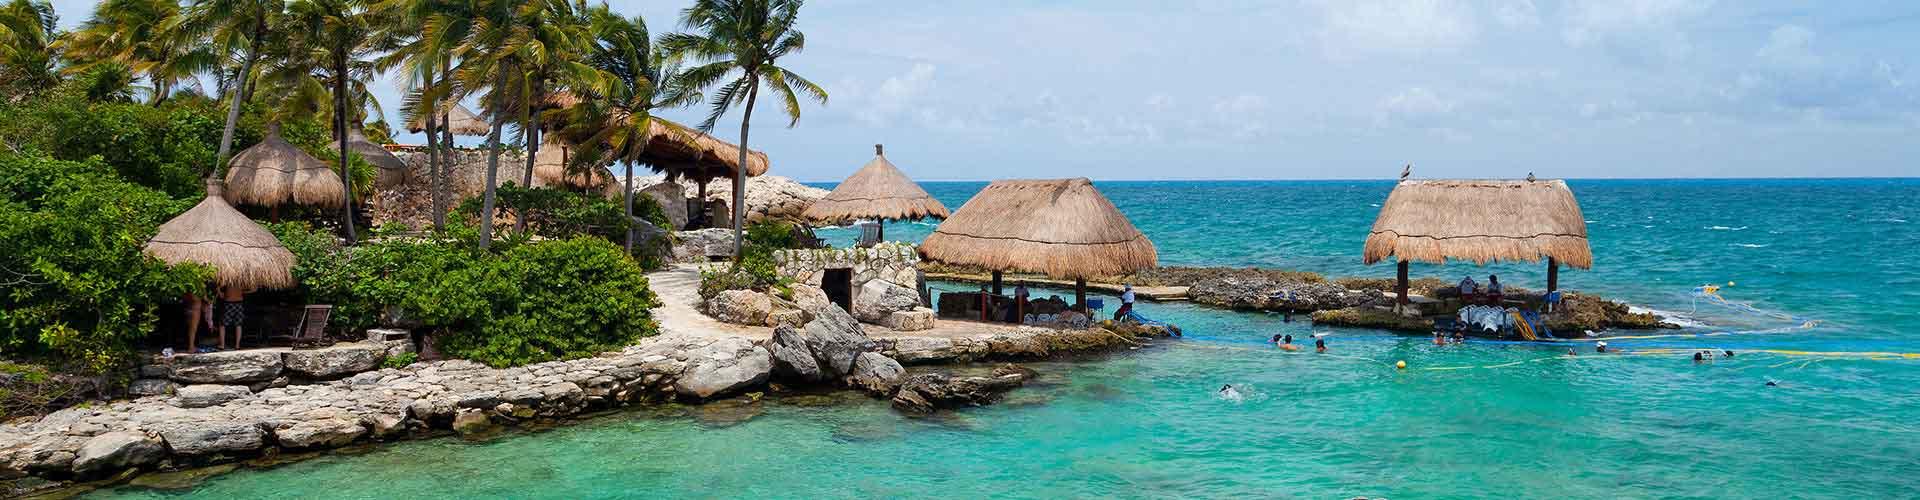 Cancun - Hostelů v Cancun. Mapy pro Cancun, fotky a recenze pro každý hostel v Cancun.